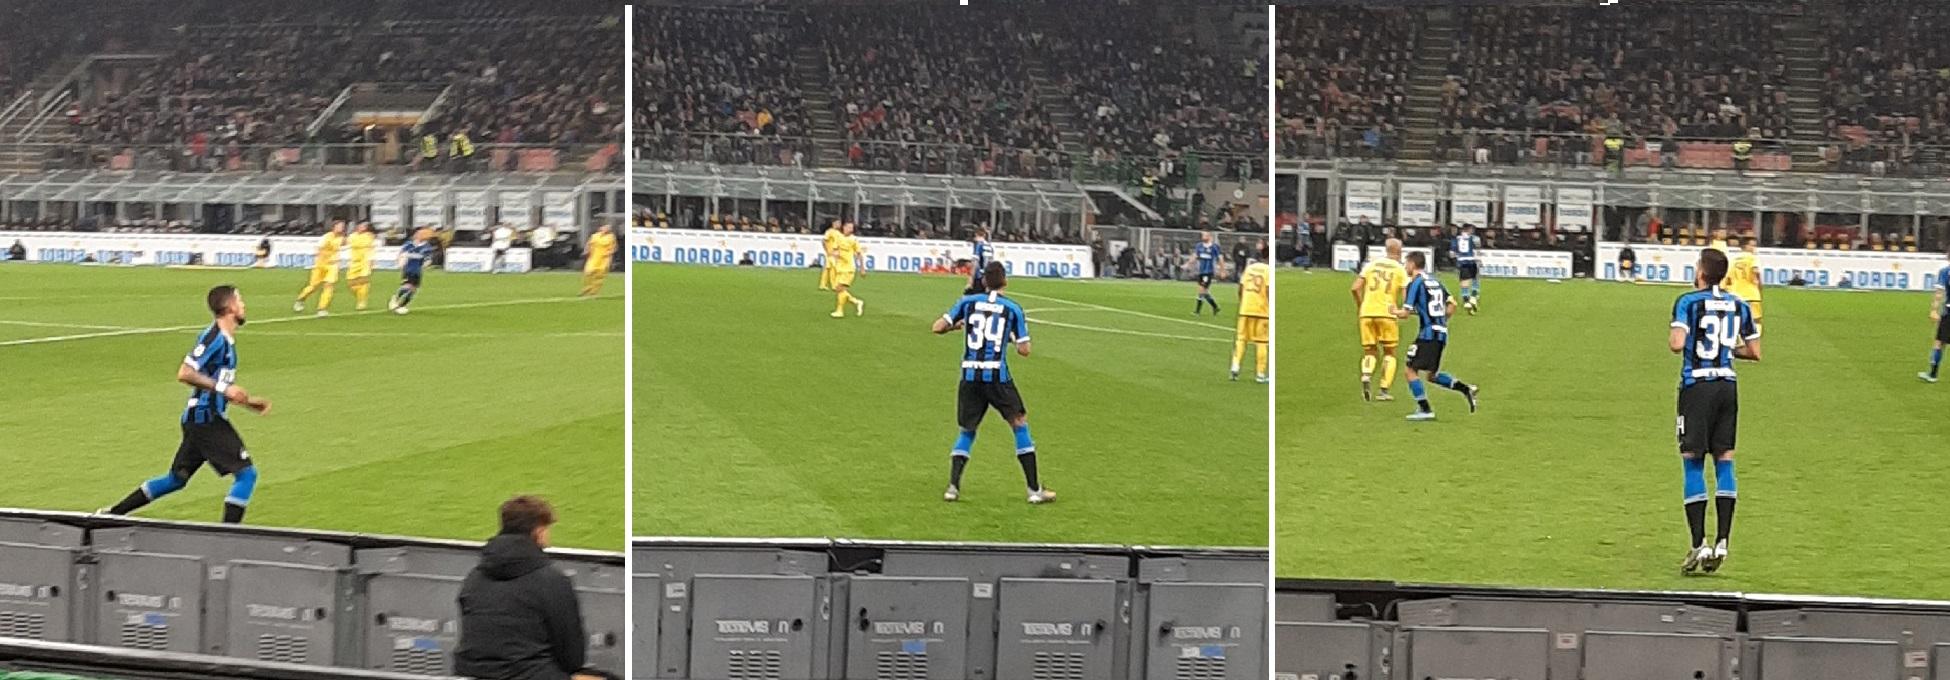 Inter – Hellas Verona, il prepartita dei ricordi: l'ultima volta a San Siro 2 Ranocchiate